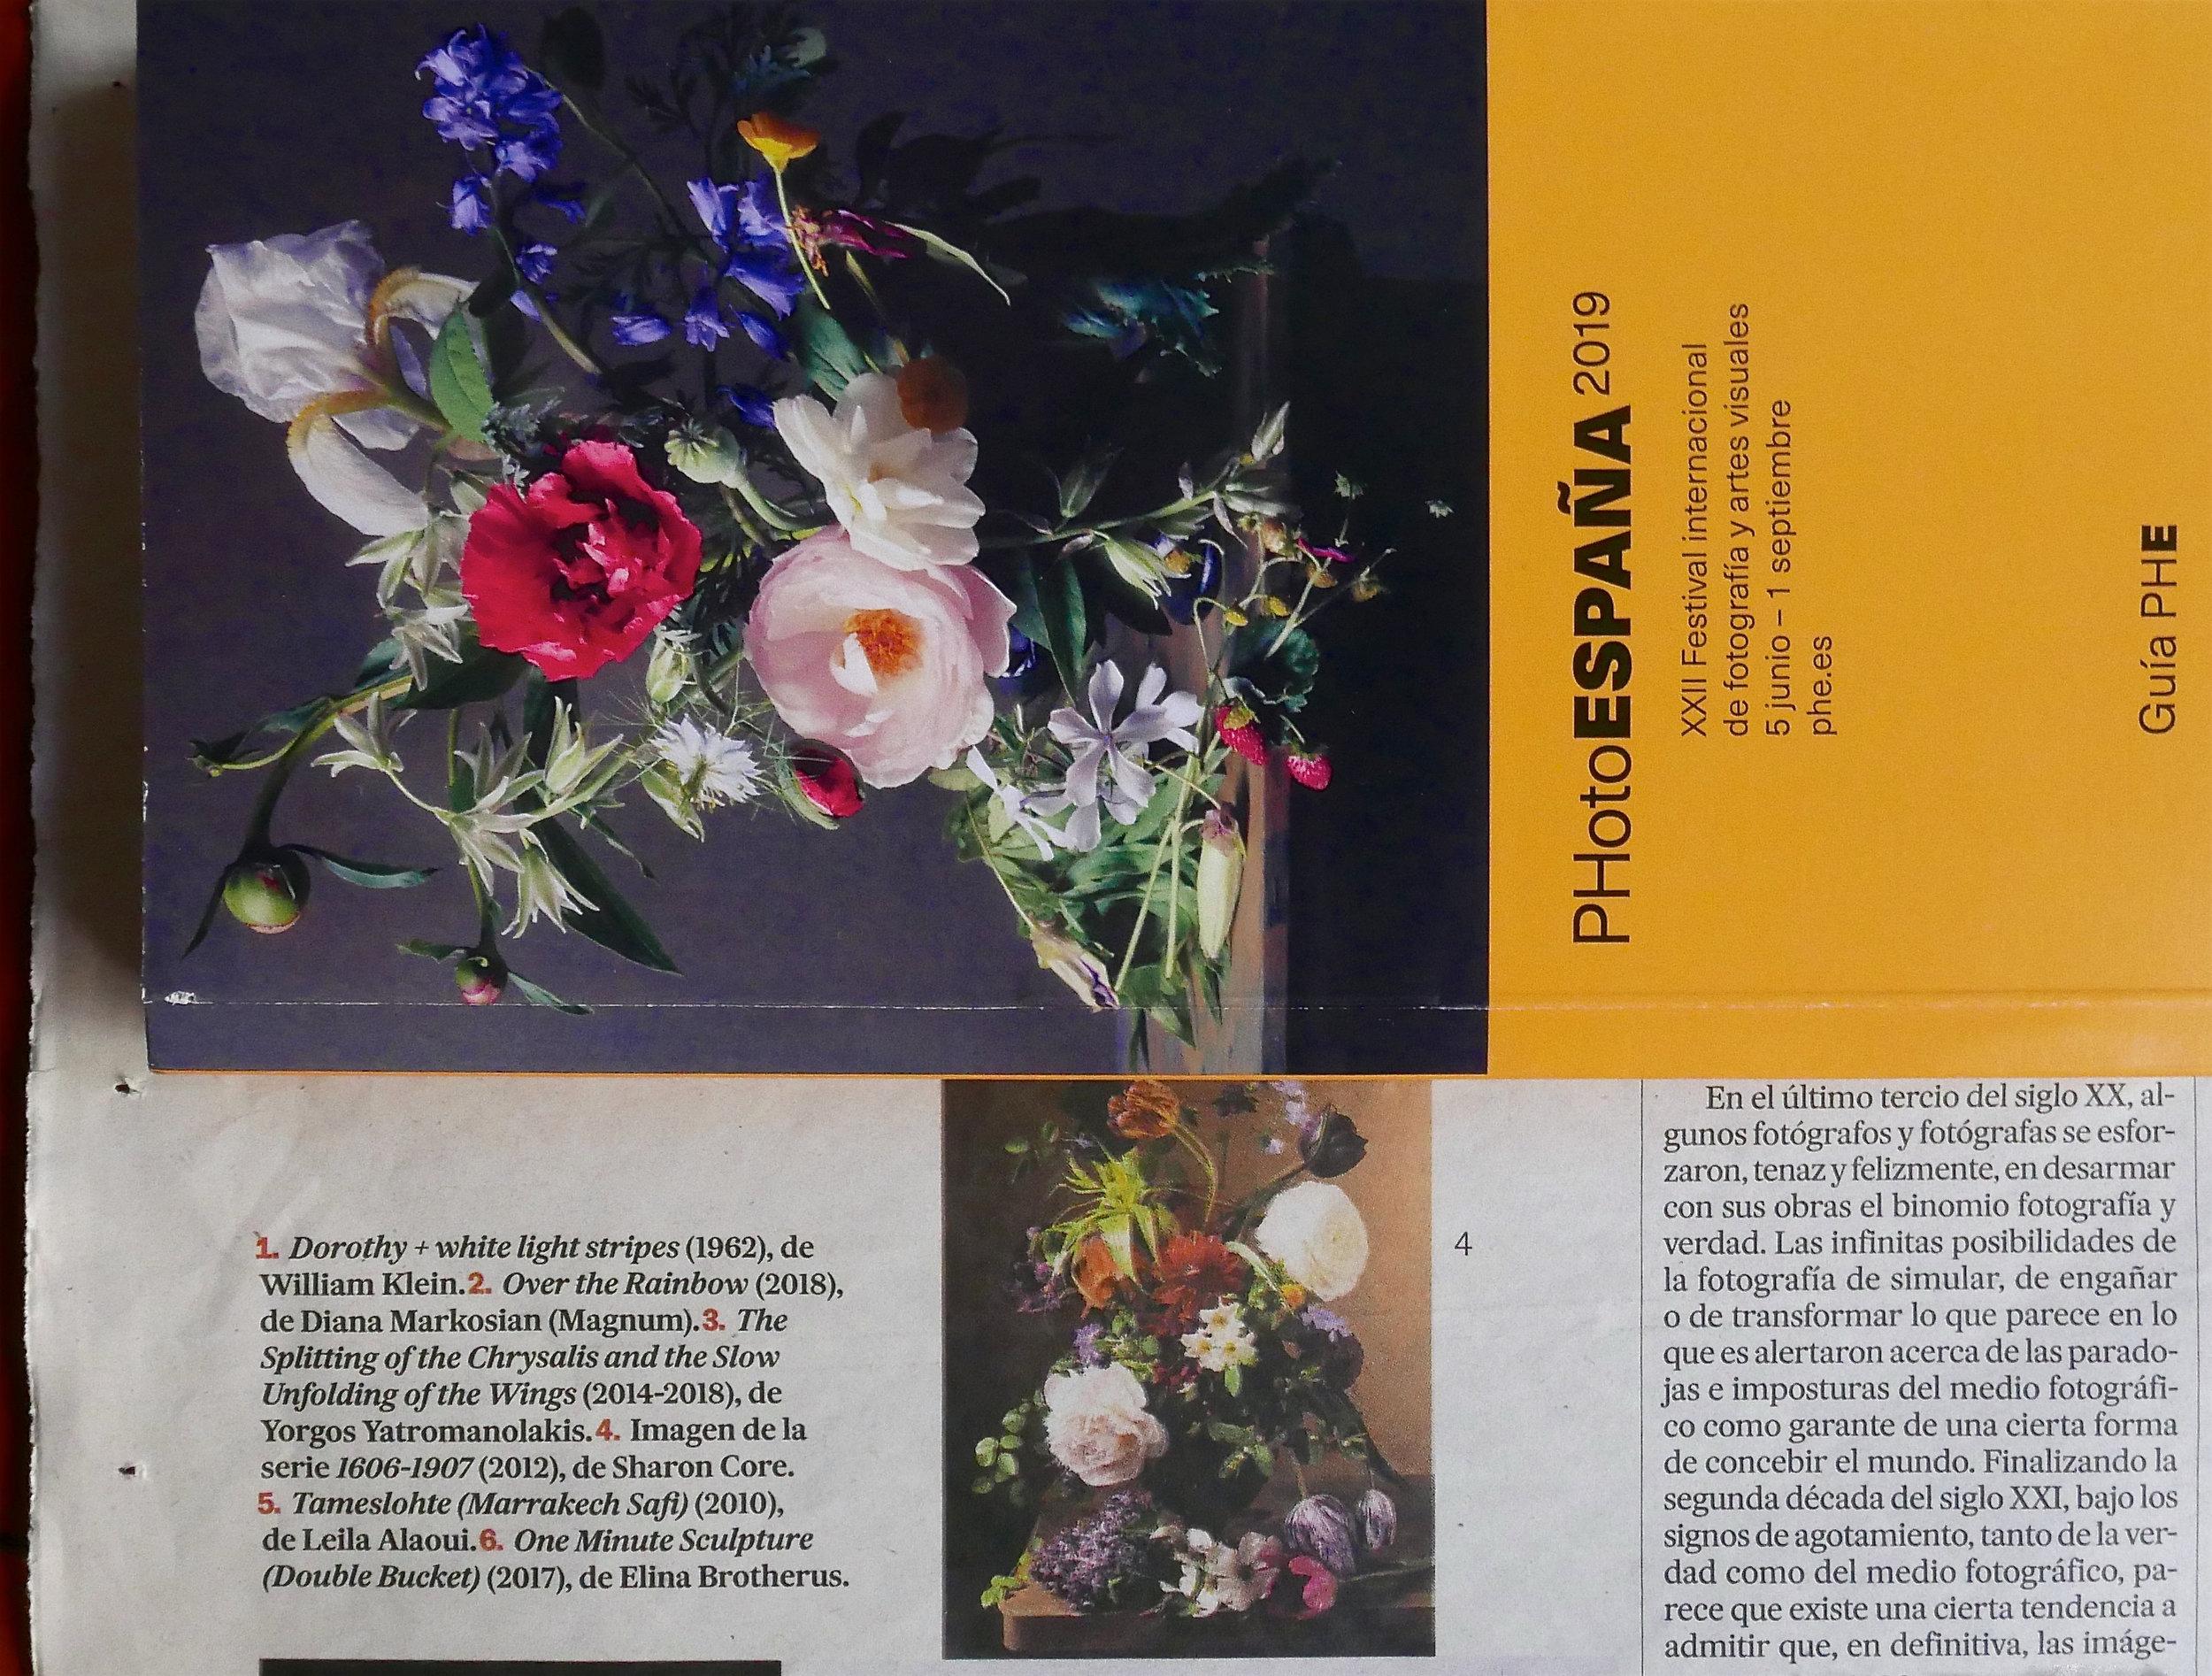 Catálogo PHotoEspaña 2019 - 2